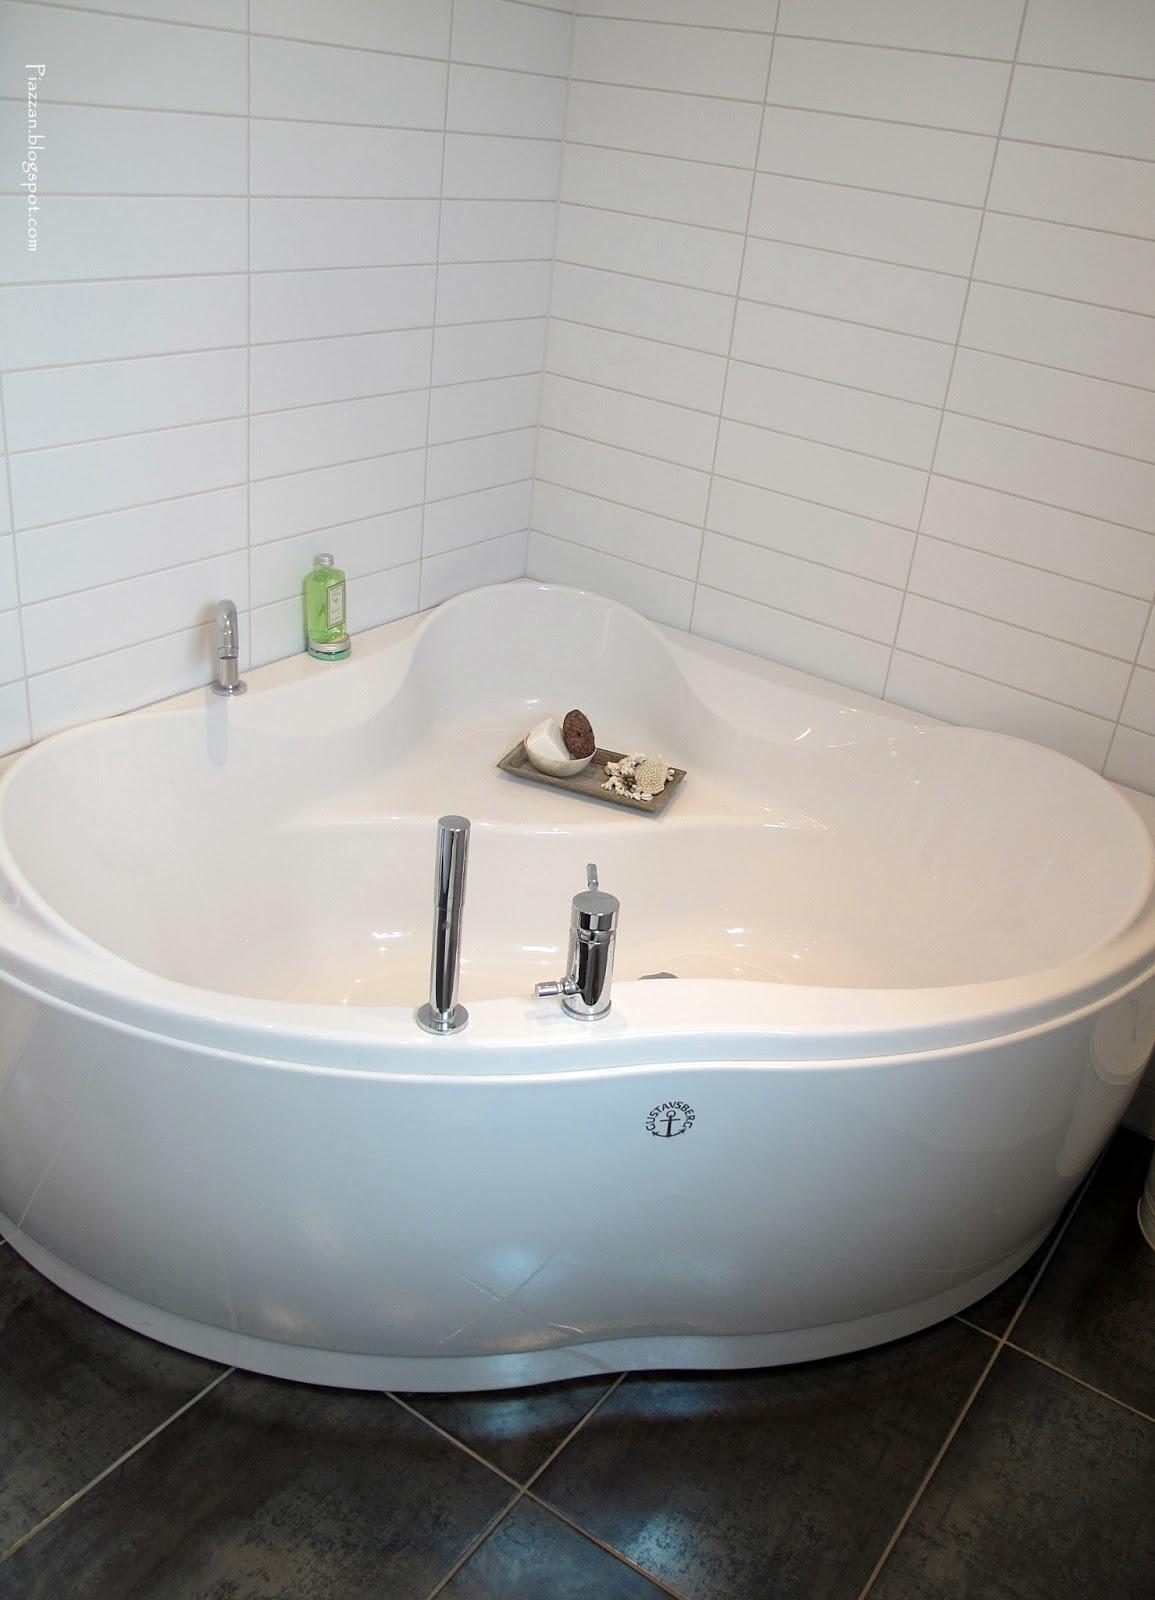 Snyggt badrum utan kakel ~ xellen.com